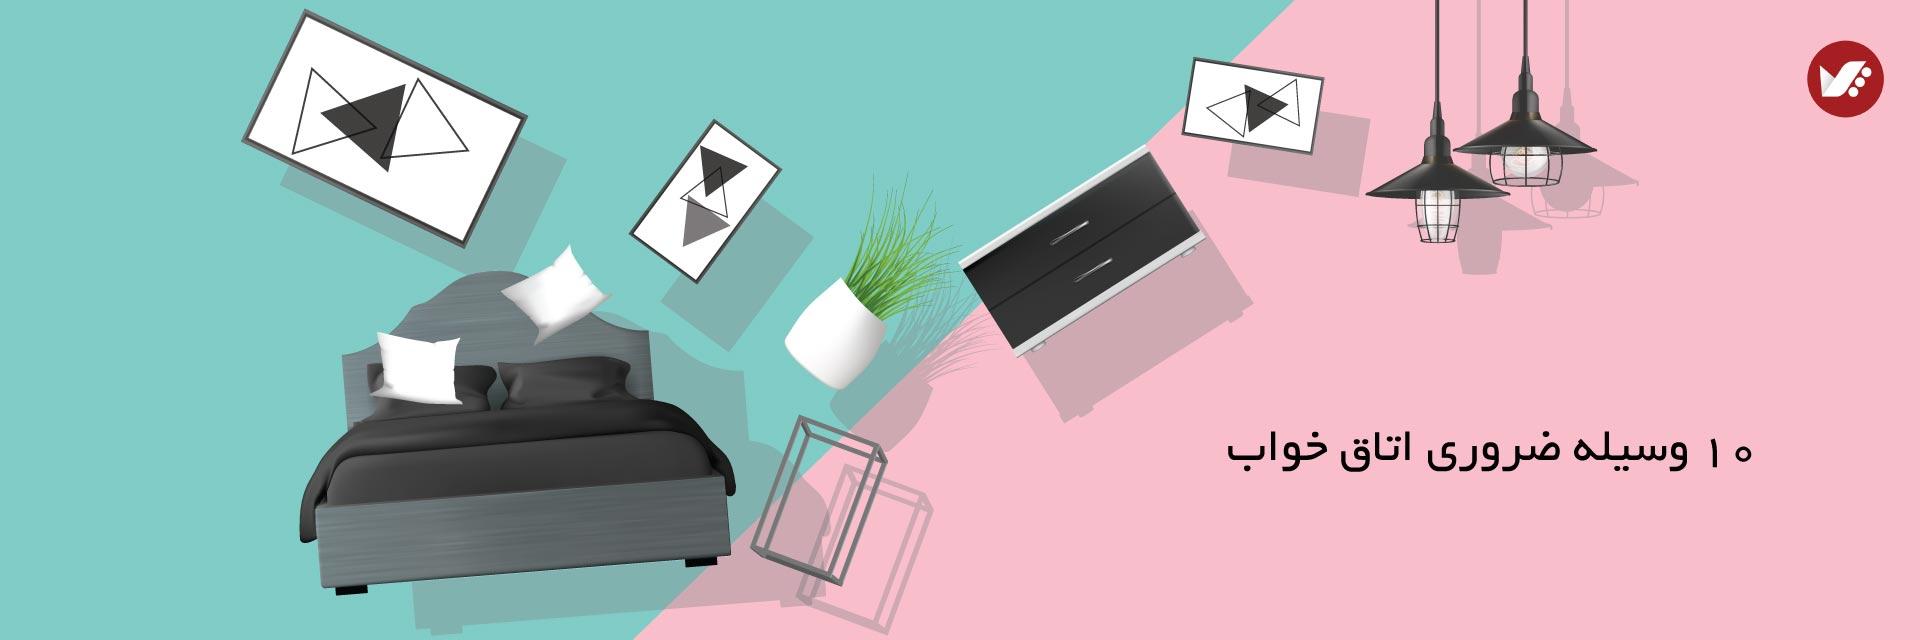 bedroom otagh khab 01 - 10 وسیله ضروری اتاق خواب